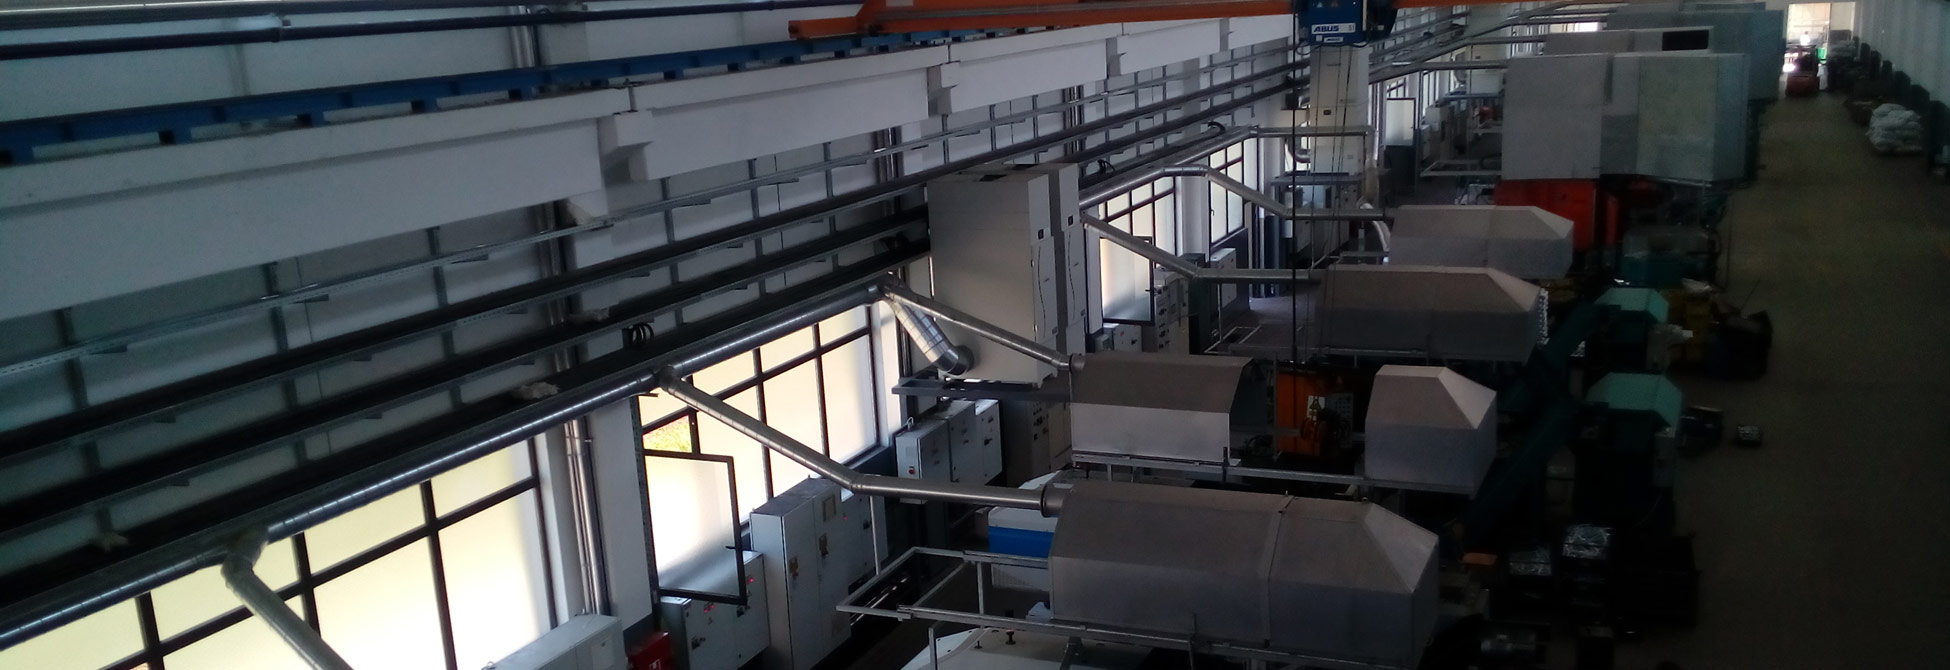 Ventilacioni sistem u fabrici